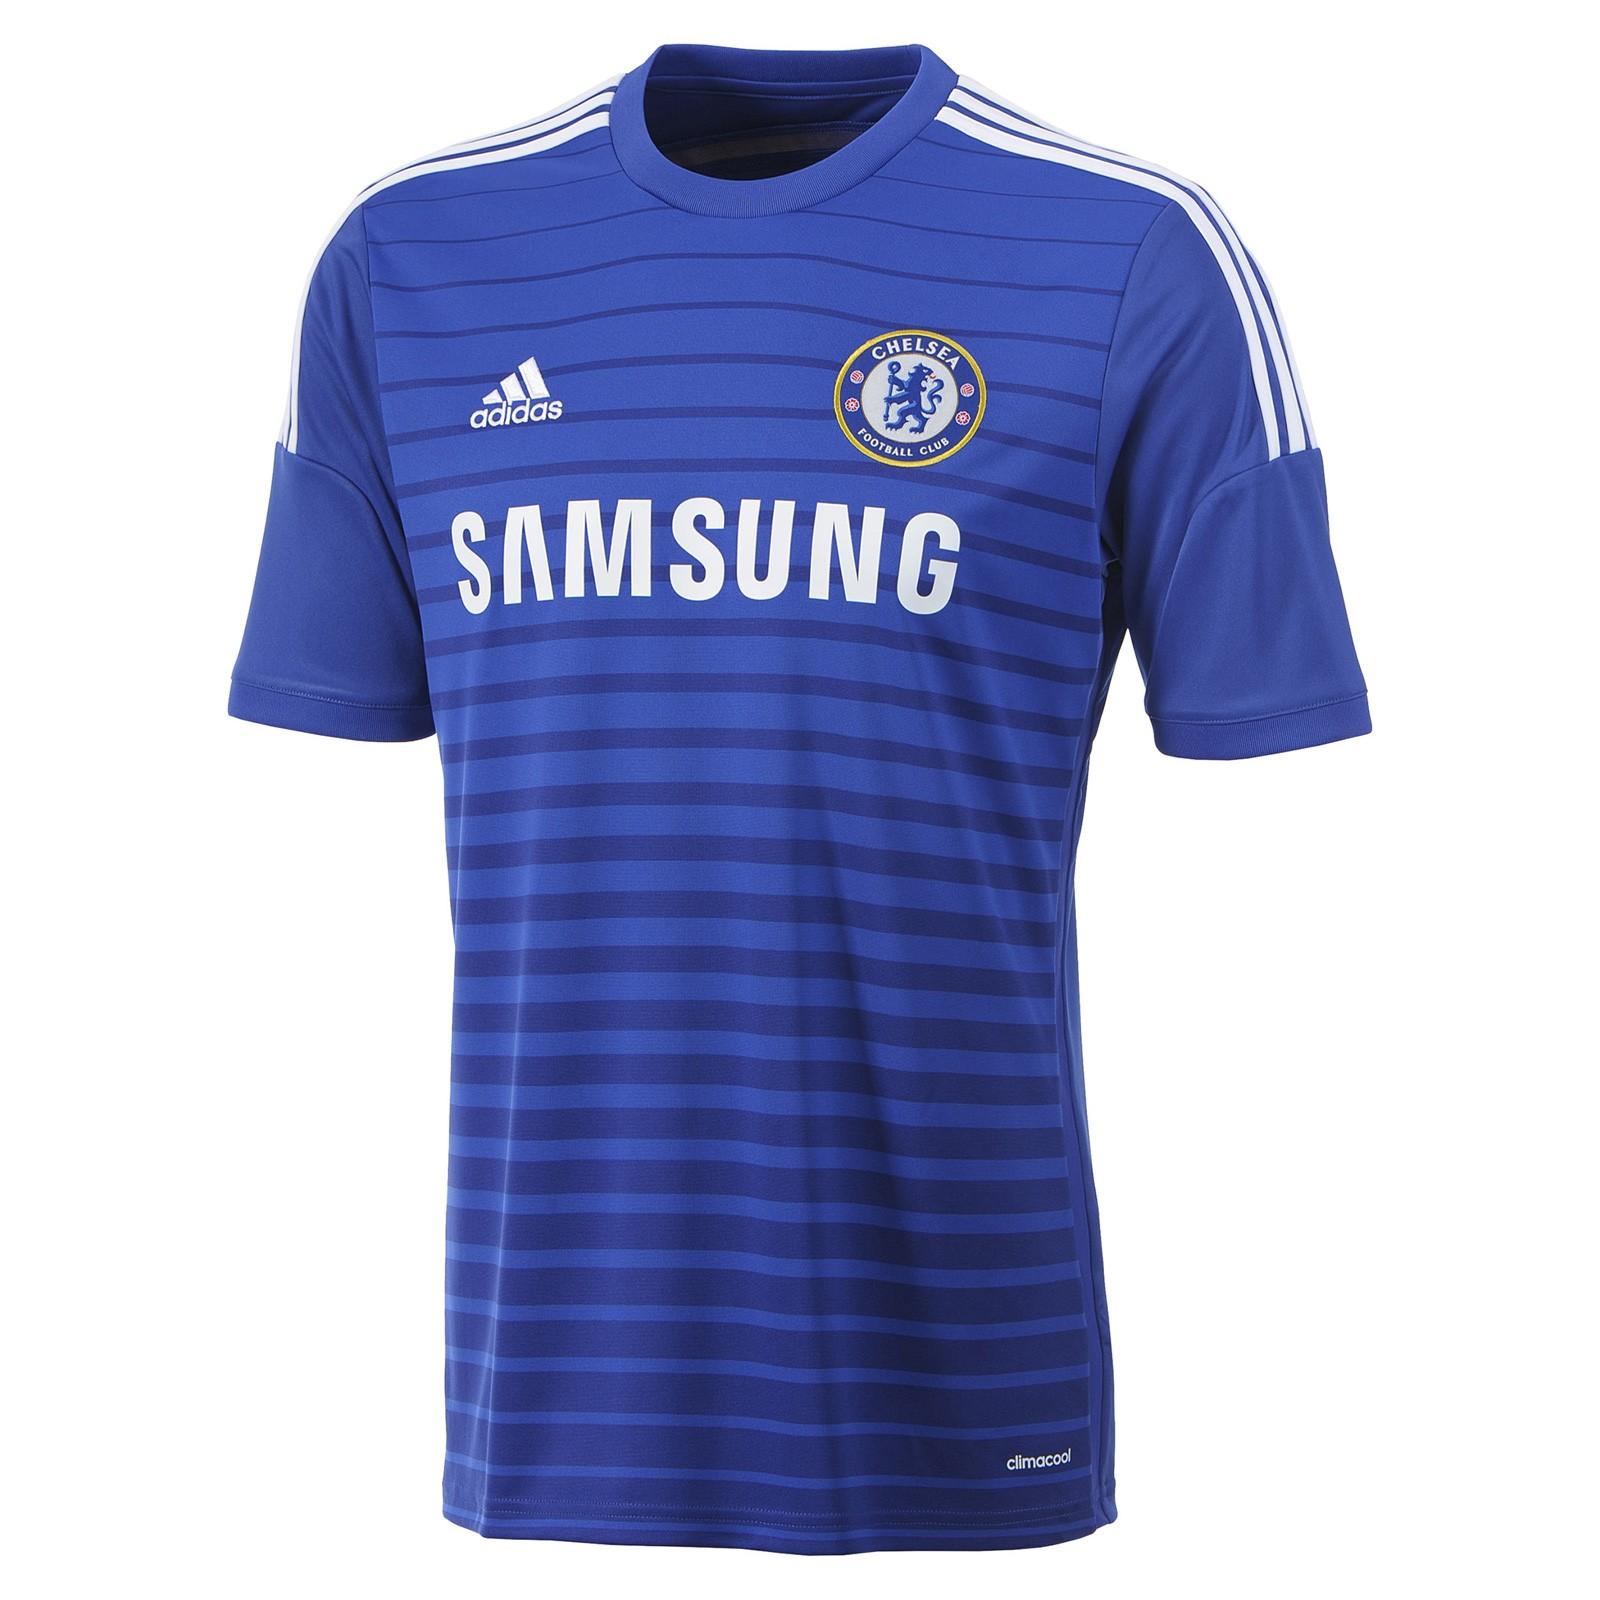 切尔西2014-15赛季球迷版主场球衣